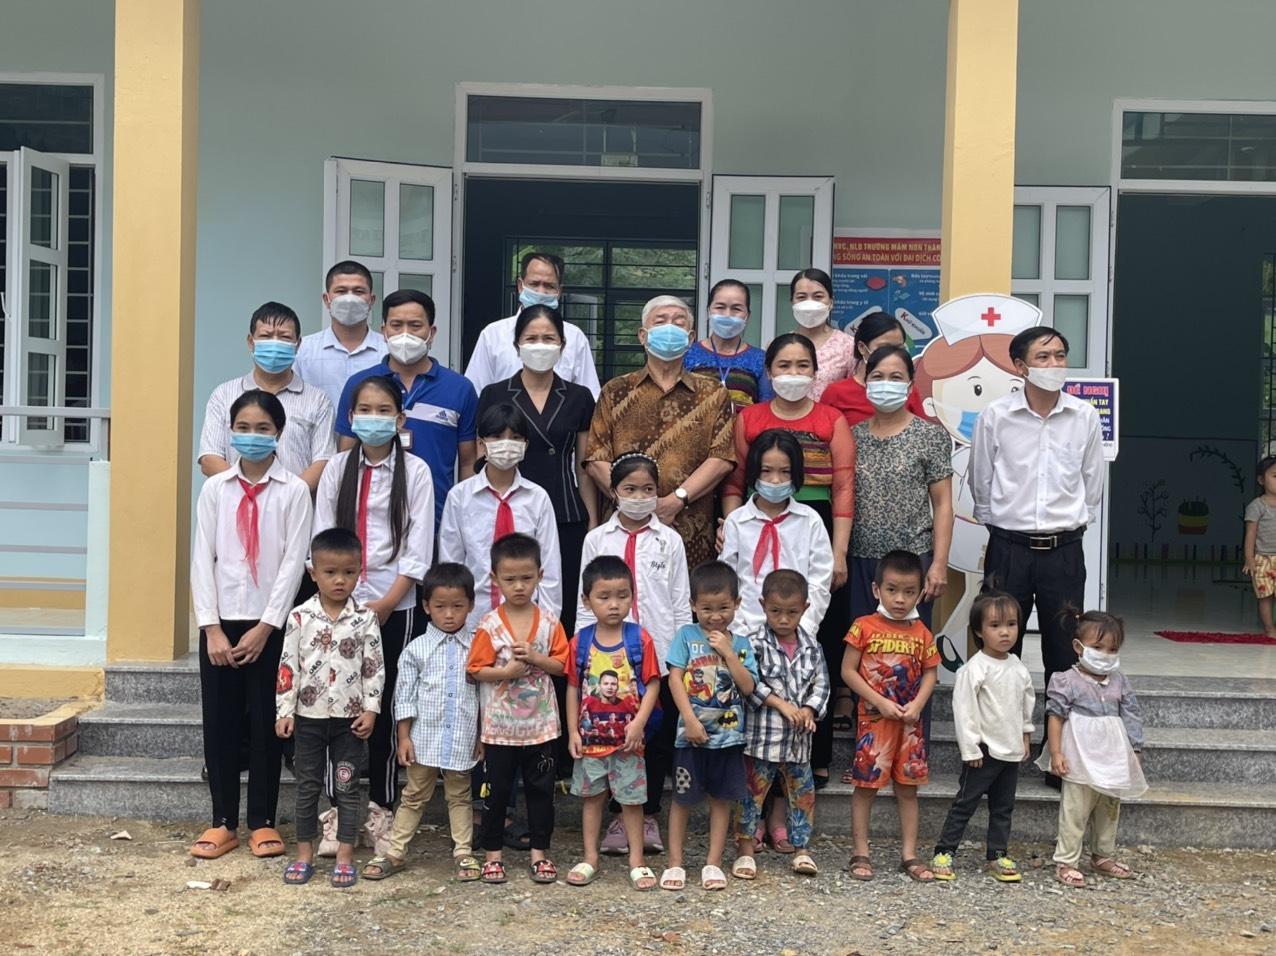 Ông Vương Văn Việt, Chủ tịch Hội Khuyến học Thanh Hóa, cùng với lãnh đạo huyện Quan Hóa và đơn vị thi công, chụp ảnh lưu niệm với nhà trường tại lễ bàn giao